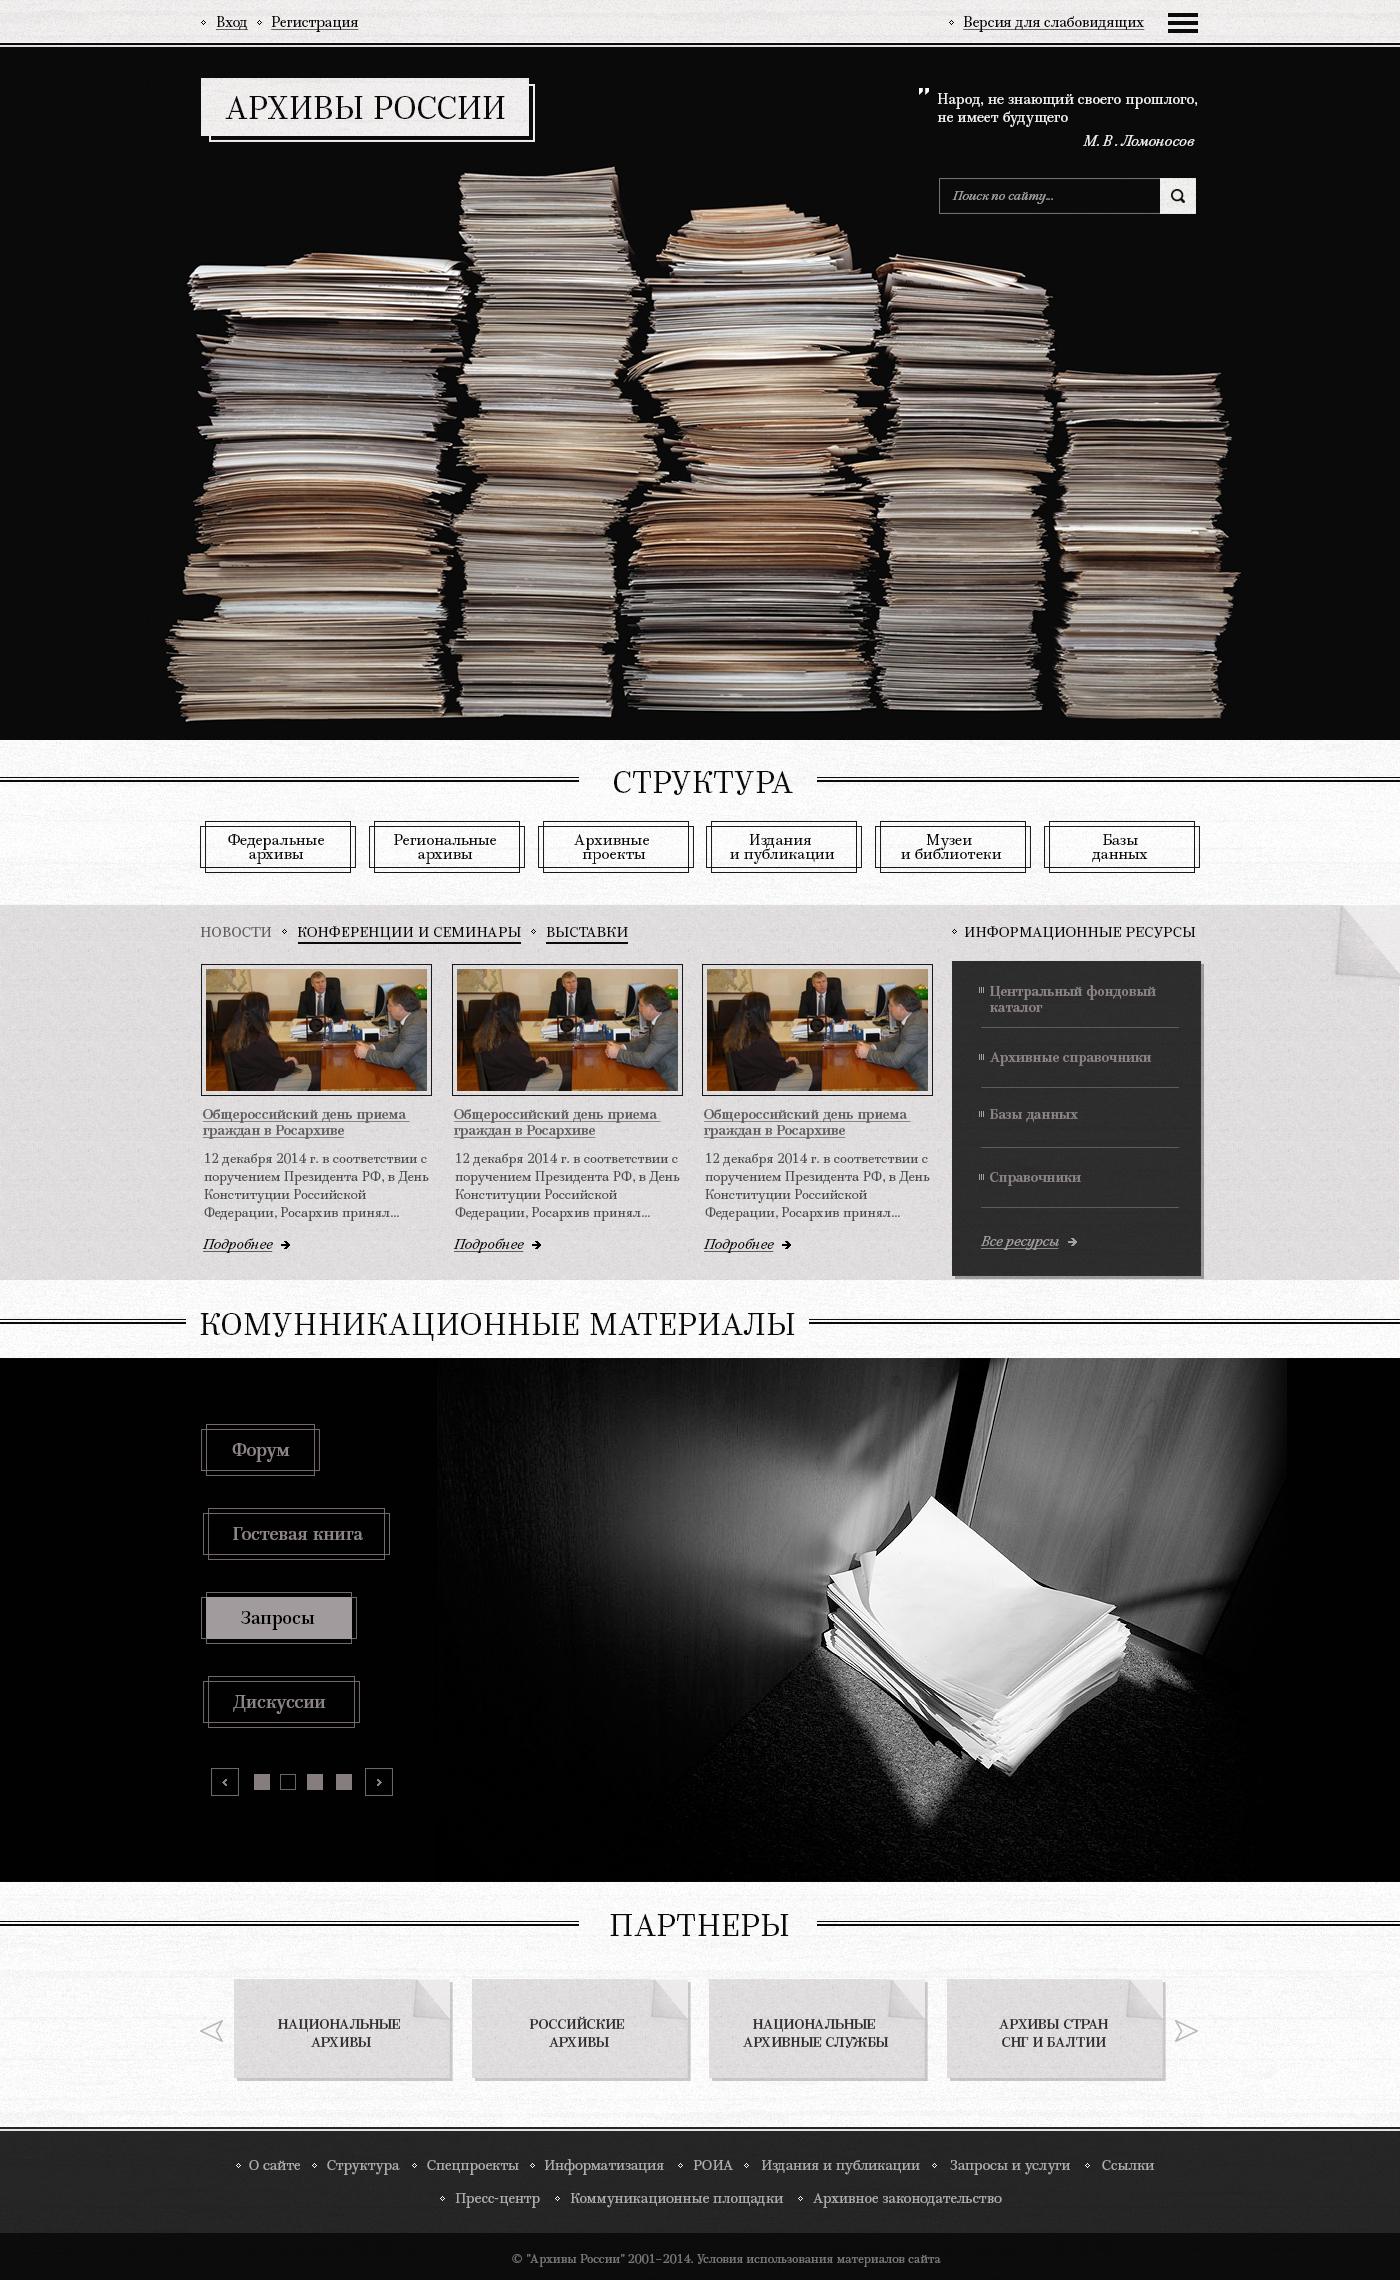 Разработка дизайна Главной страницы для сайта Архивы России